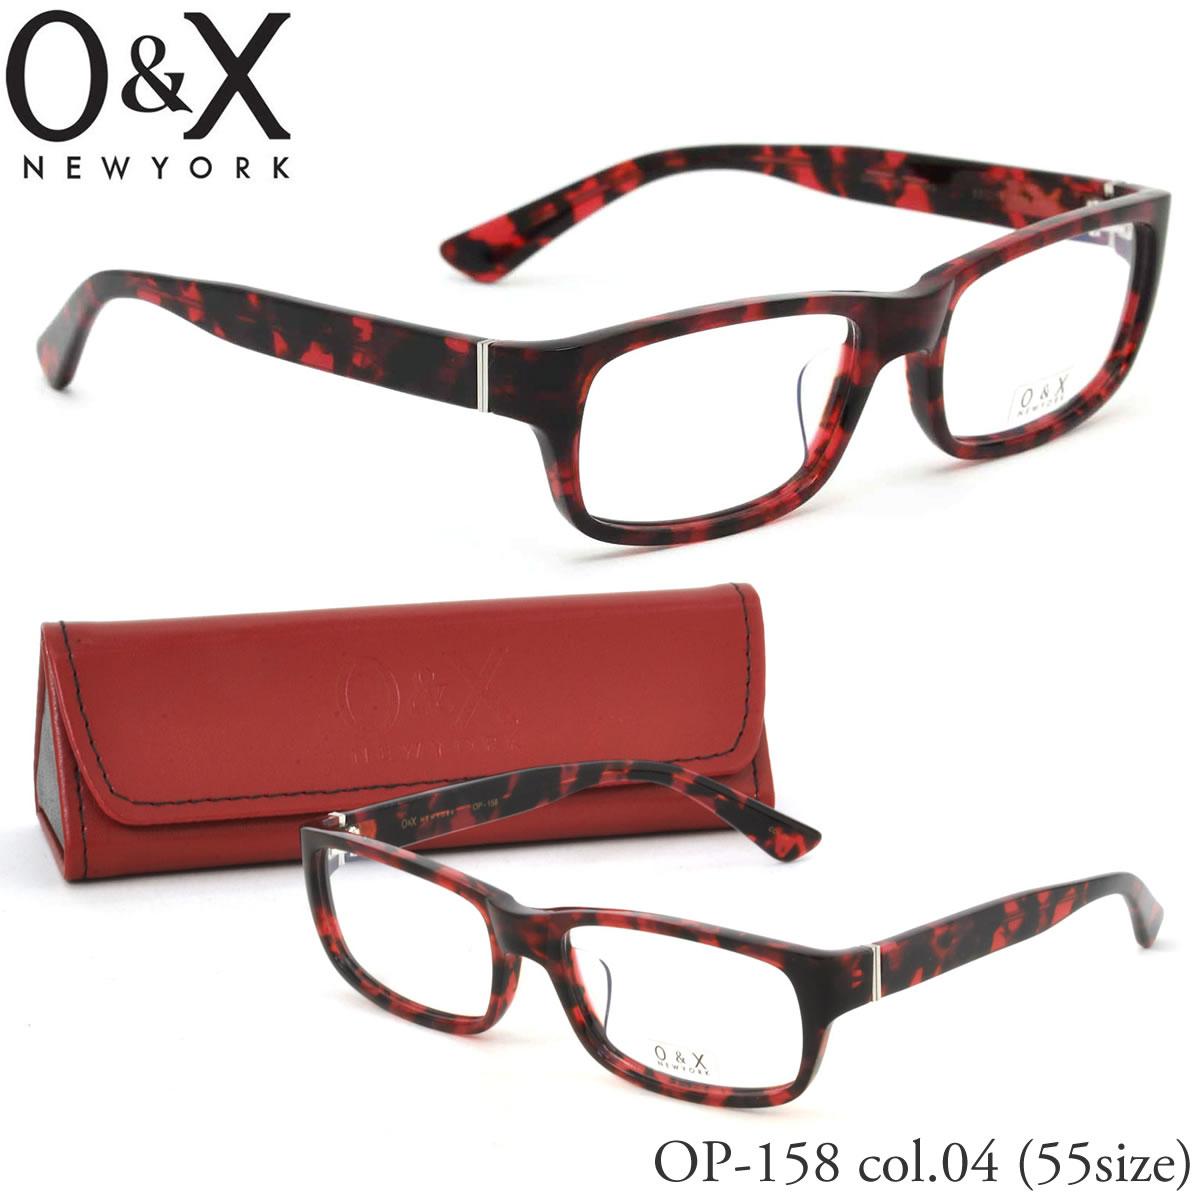 O&X オーアンドエックス メガネ フレーム OP 158 04 55サイズ スクエア 日本製 オーアンドエックス O&X メンズ レディース